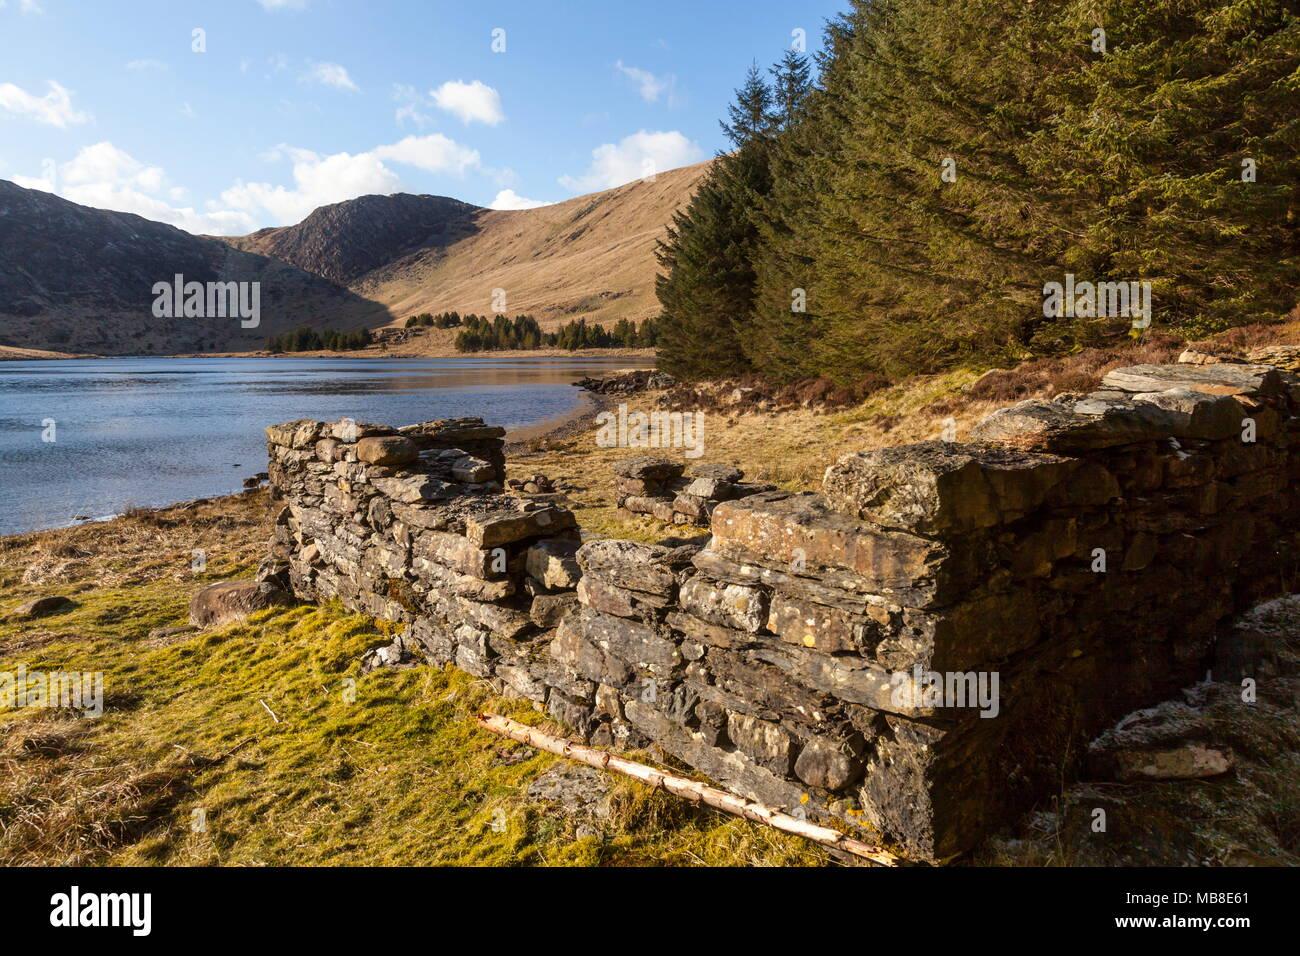 Old Boathouse On Lake Stock Photos Amp Old Boathouse On Lake